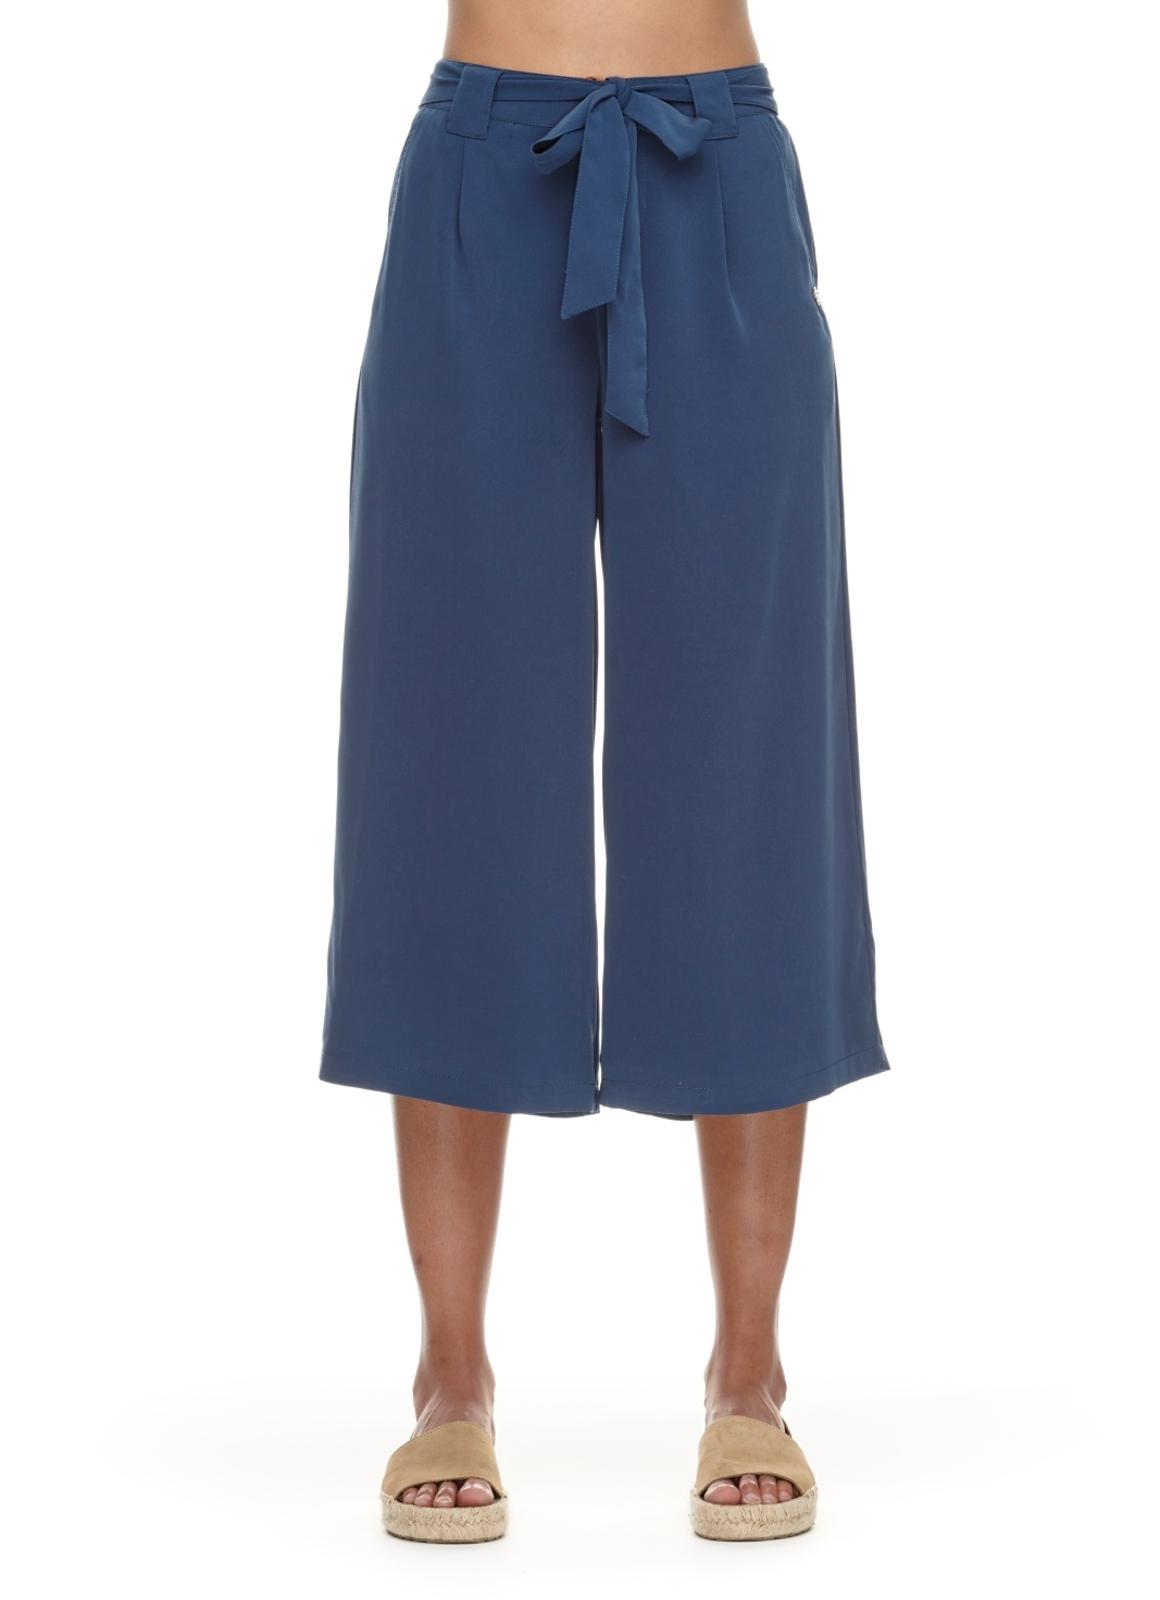 RAGWEAR-YARA-Culotte-Shorts-indigo